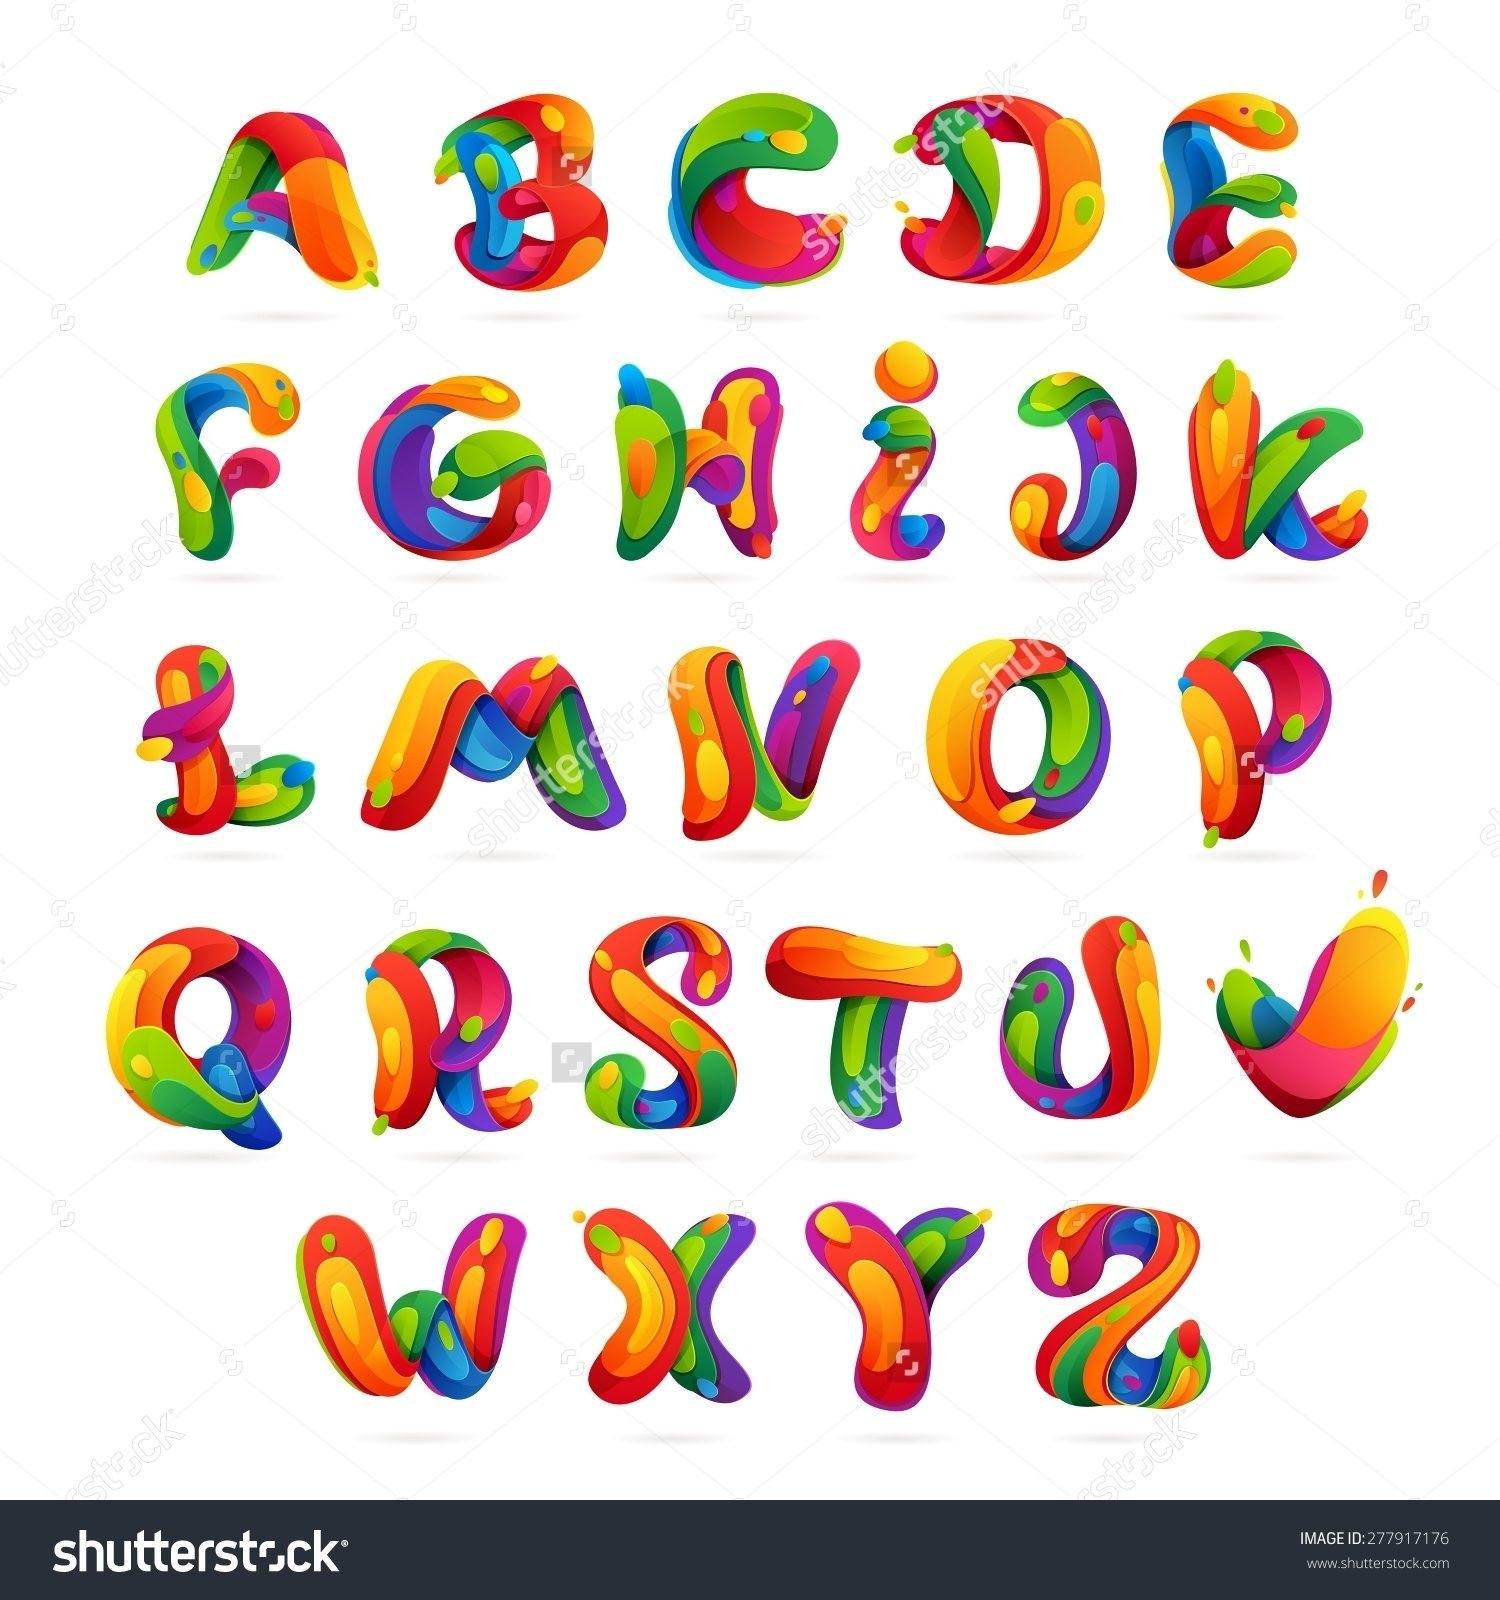 Alphabet letters printable flower. Bouquet clipart cute